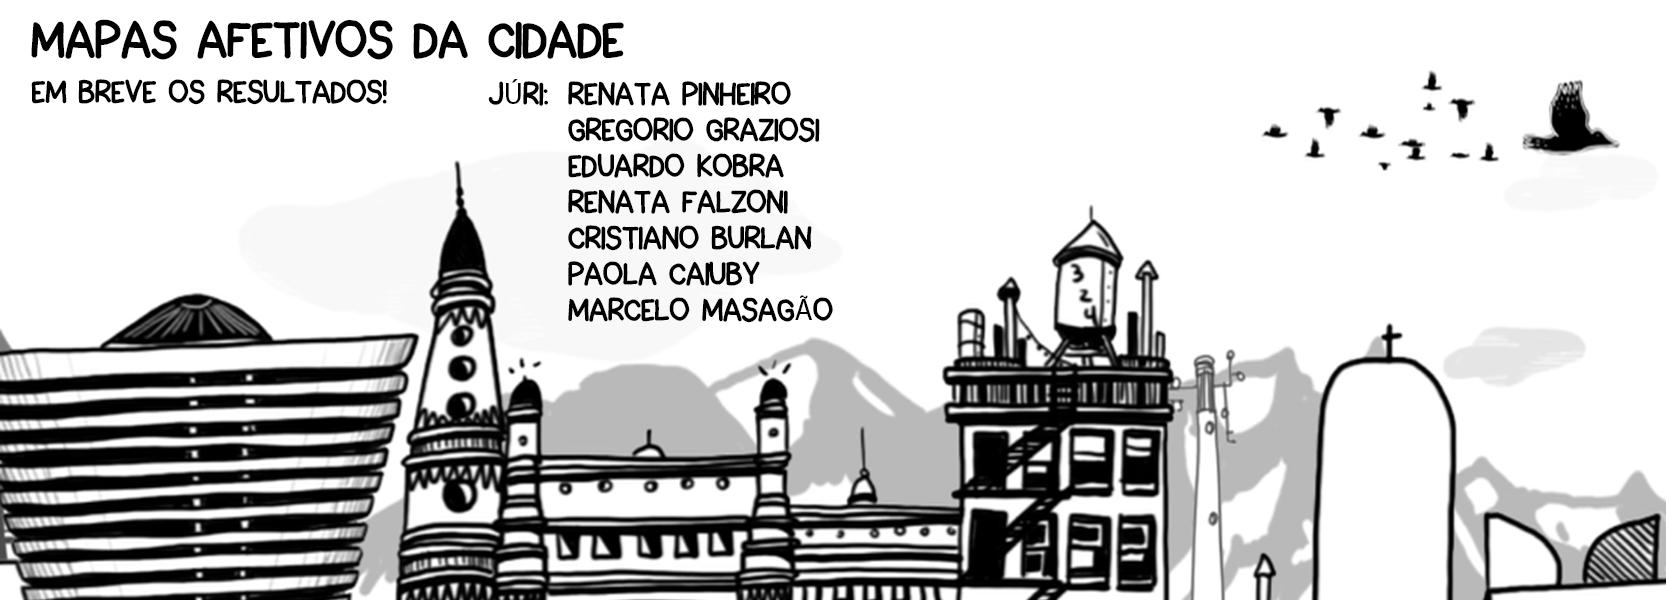 Mapas Afetivos da Cidade - 2015